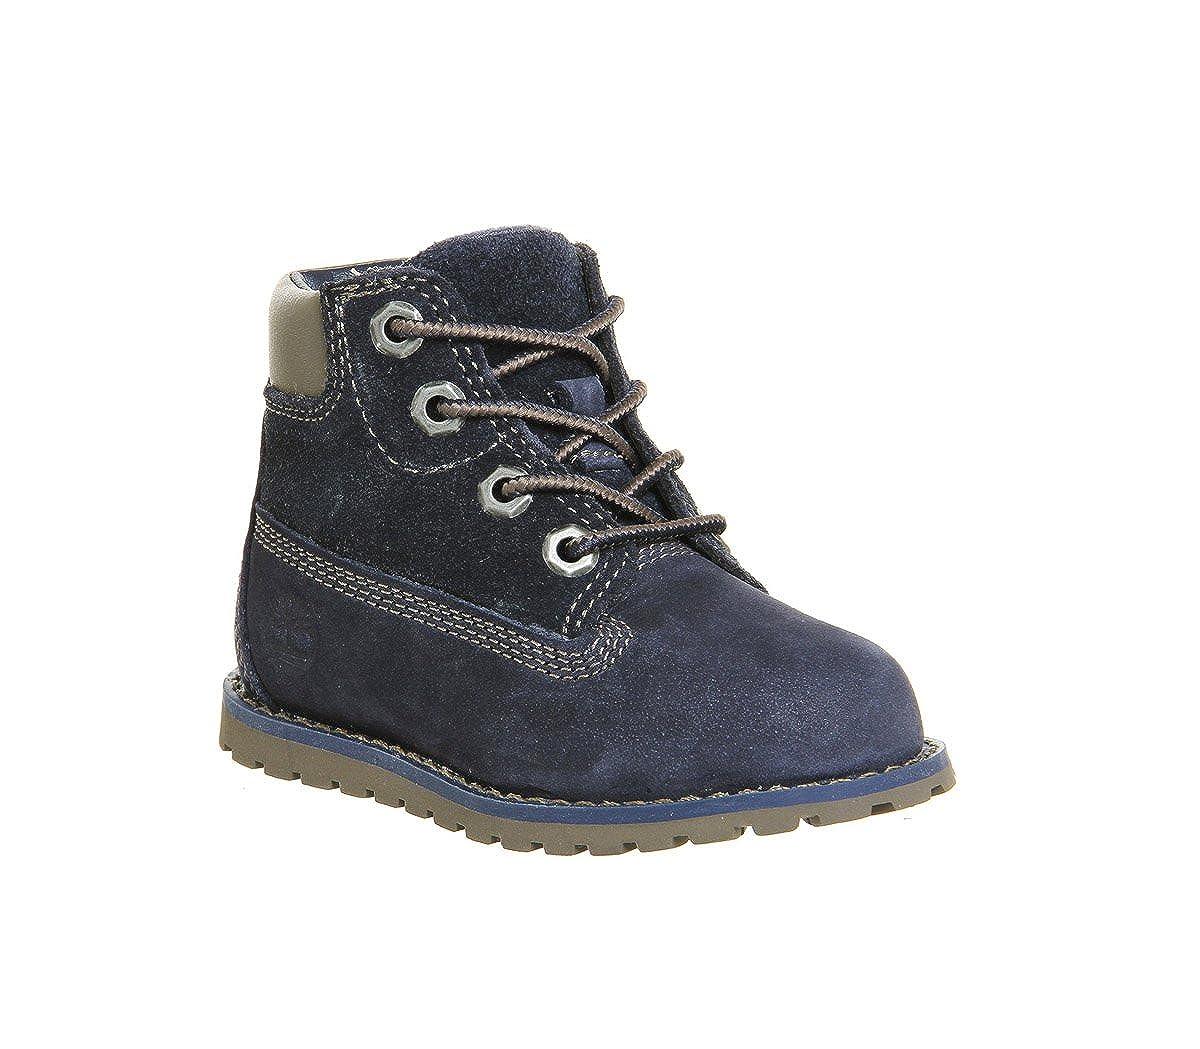 Timberland Pokey Pine 6in, Unisex-Kinder Kurzschaft Stiefel CA125Q